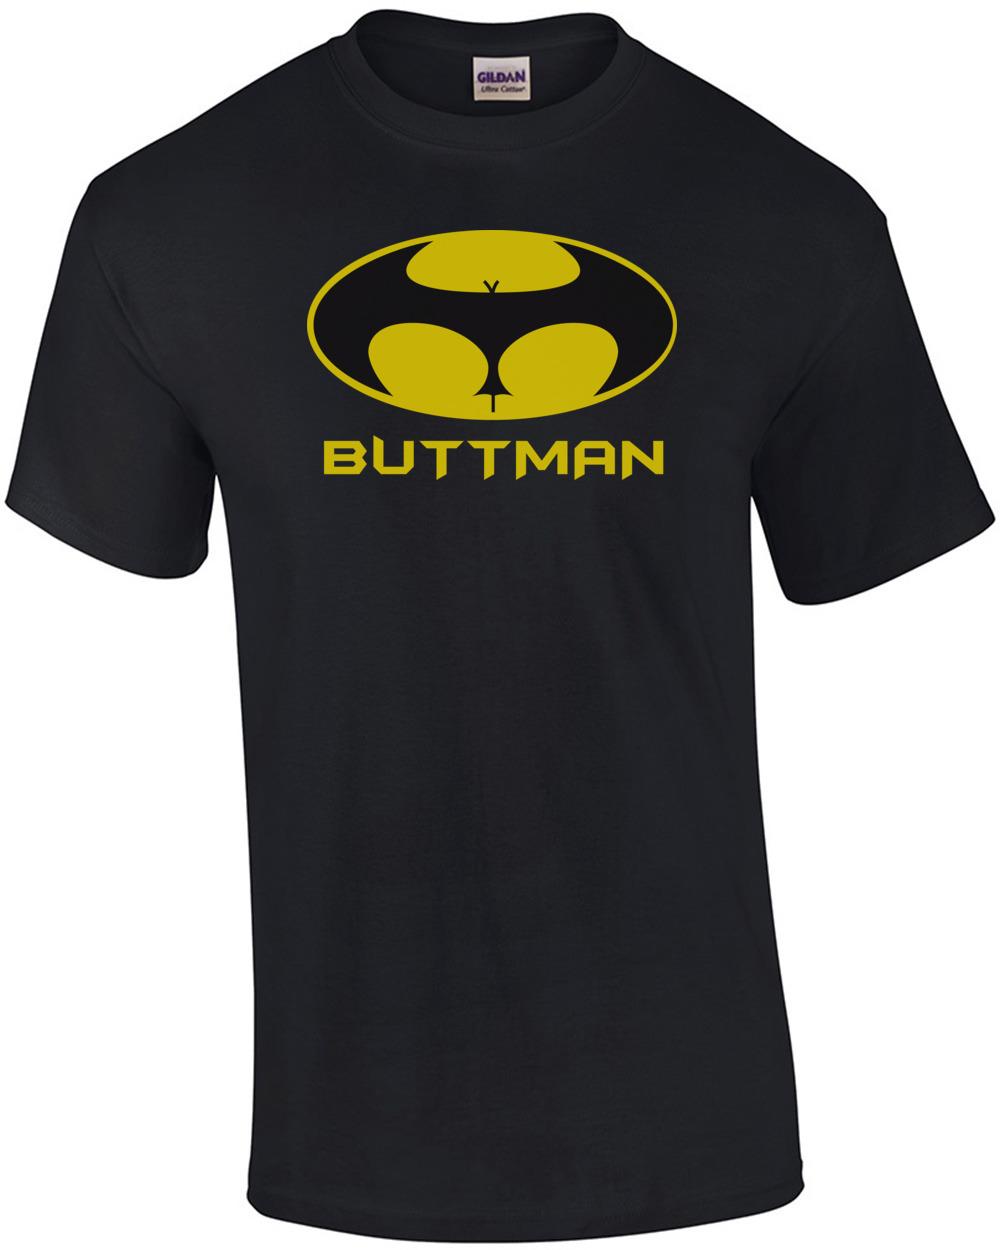 Buttman Vacation buttman t-shirt